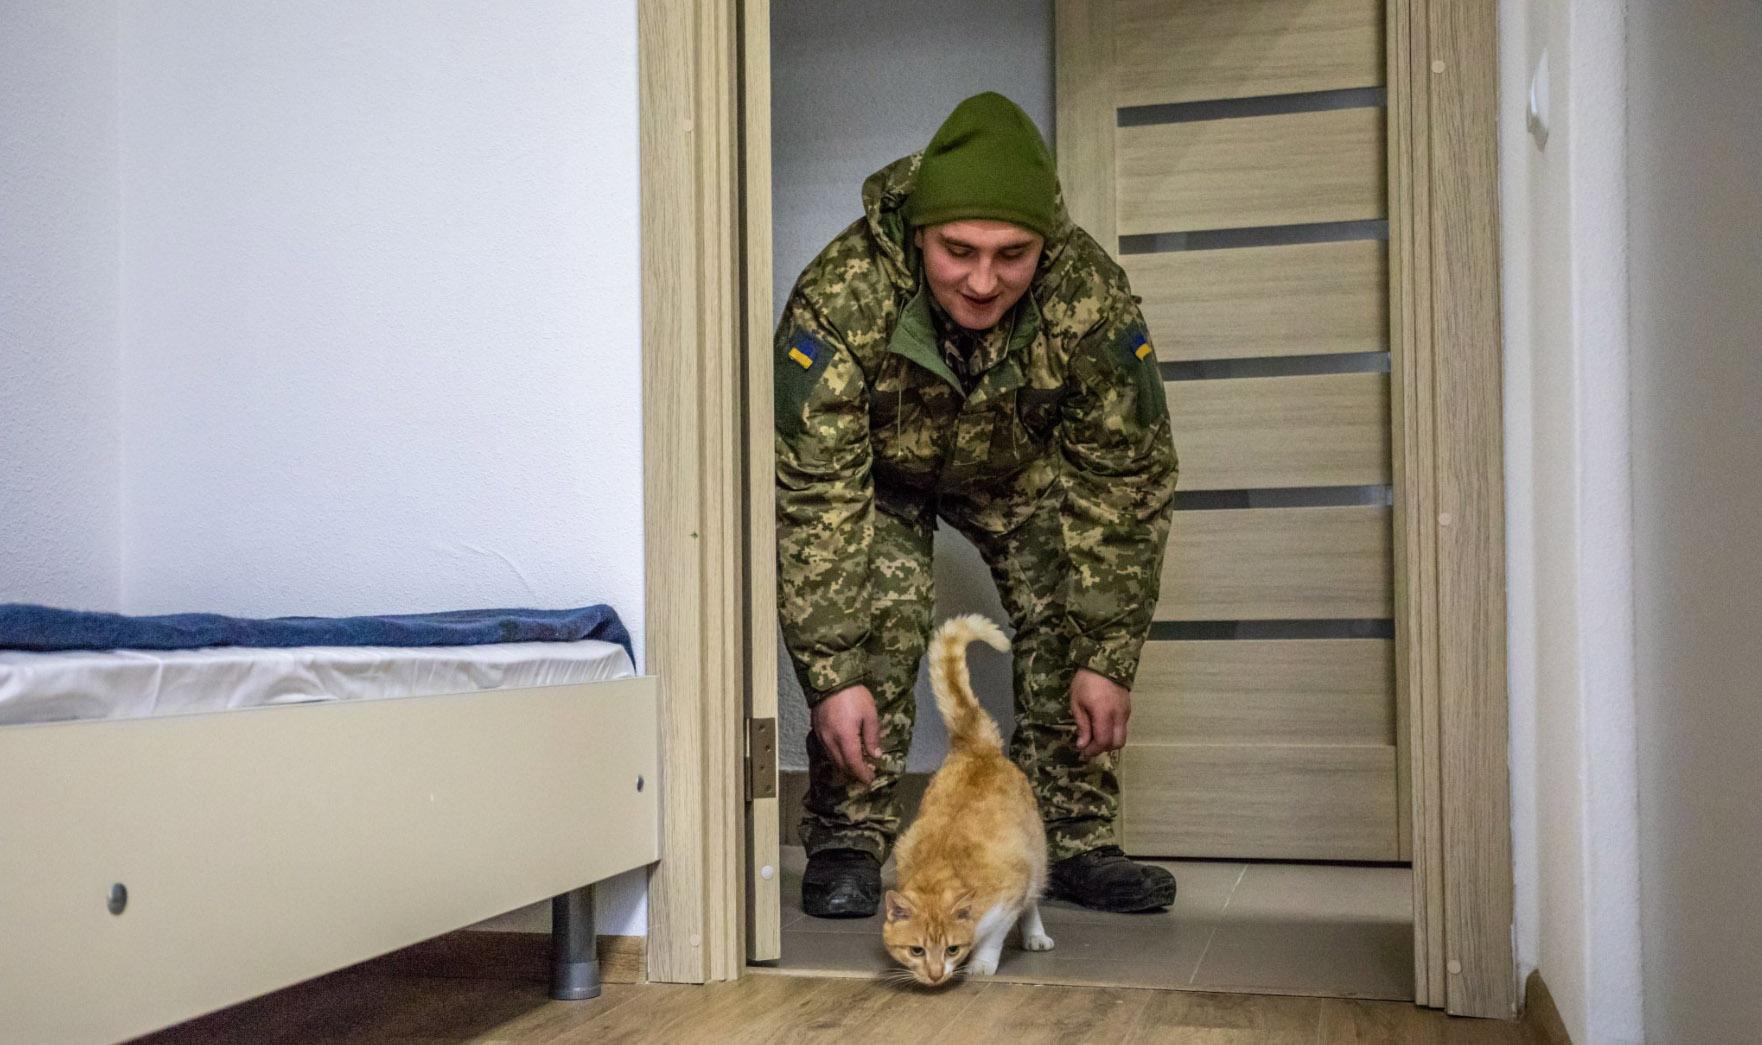 Кот, опубликованный в Twitter Порошенко